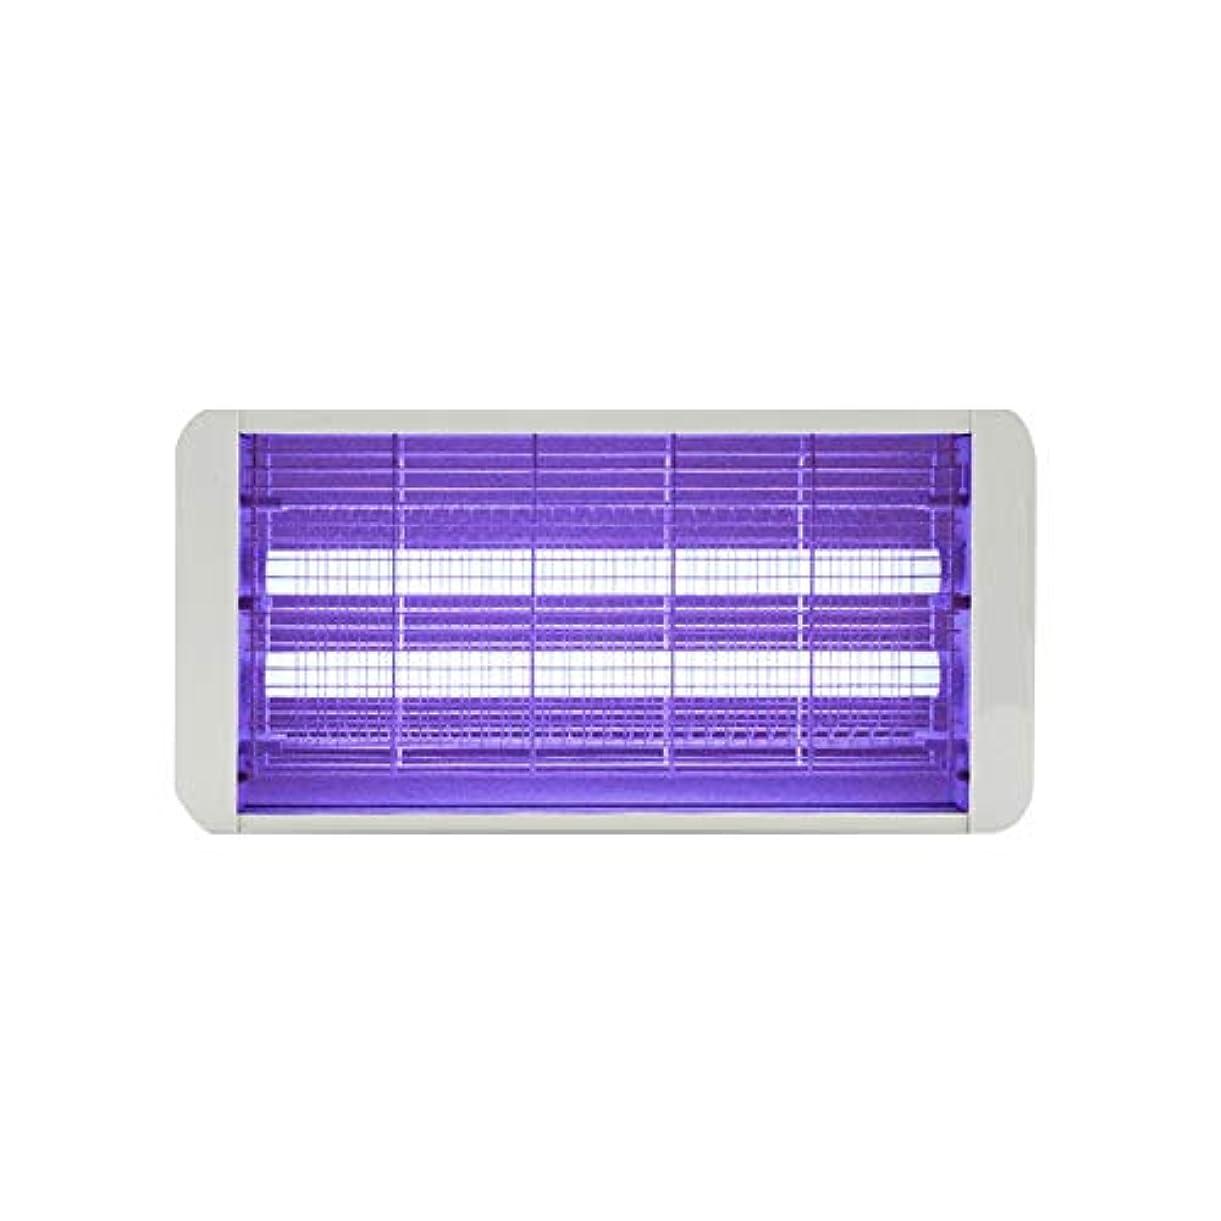 いつ芽メディアZEMIN 電撃殺虫灯 蚊ランプ 昆虫のキラー 誘虫灯 フライト ラップ 紫外線 世帯 忌避剤 キャッチハエ、 4サイズ (色 : 白, サイズ さいず : 500MM-6W)